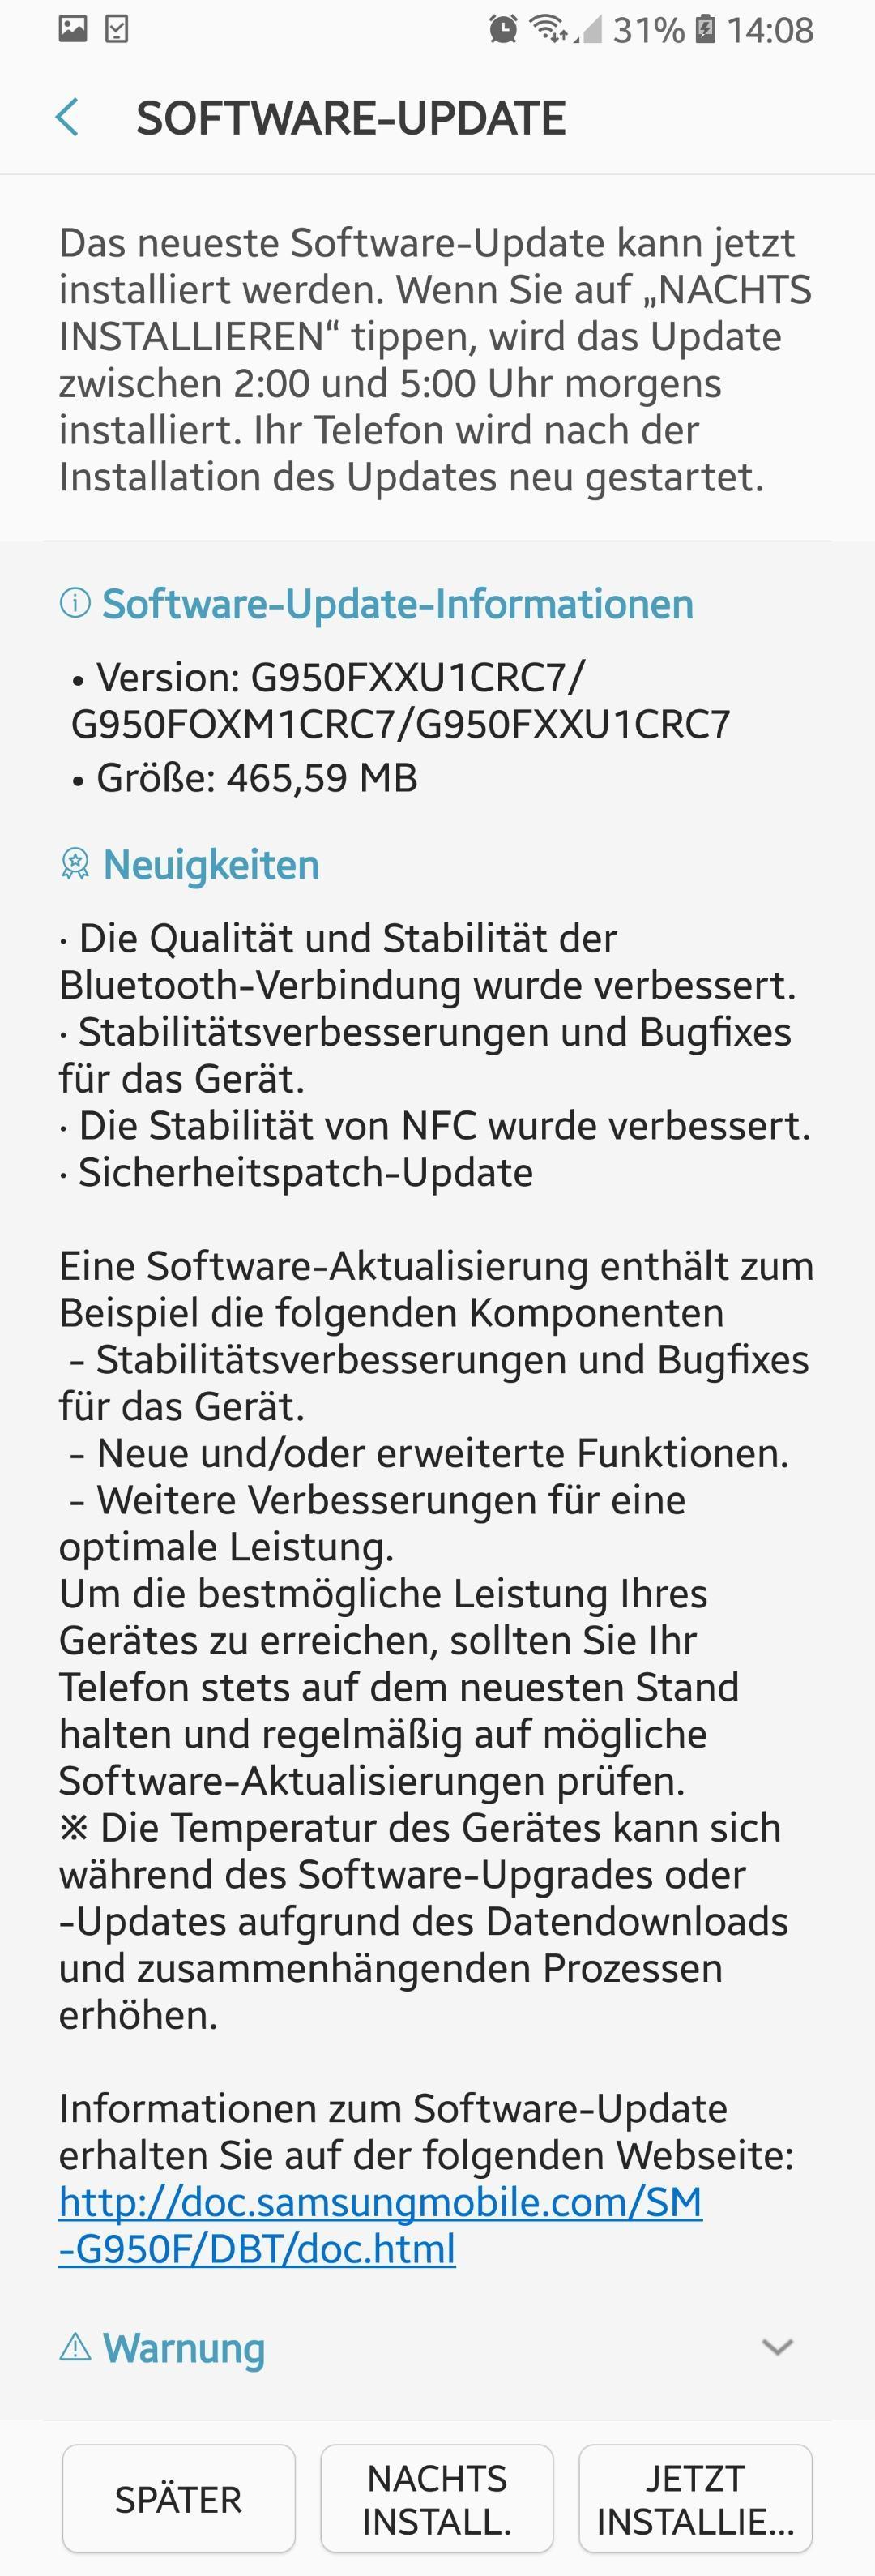 Samsung Galaxy S8 und S8+ Update: März-Patches, Fix für Blueetooth und NFC 2 morethanandroid.de Samsung Galaxy S8 und S8+ Update: März-Patches, Fix für Blueetooth und NFC